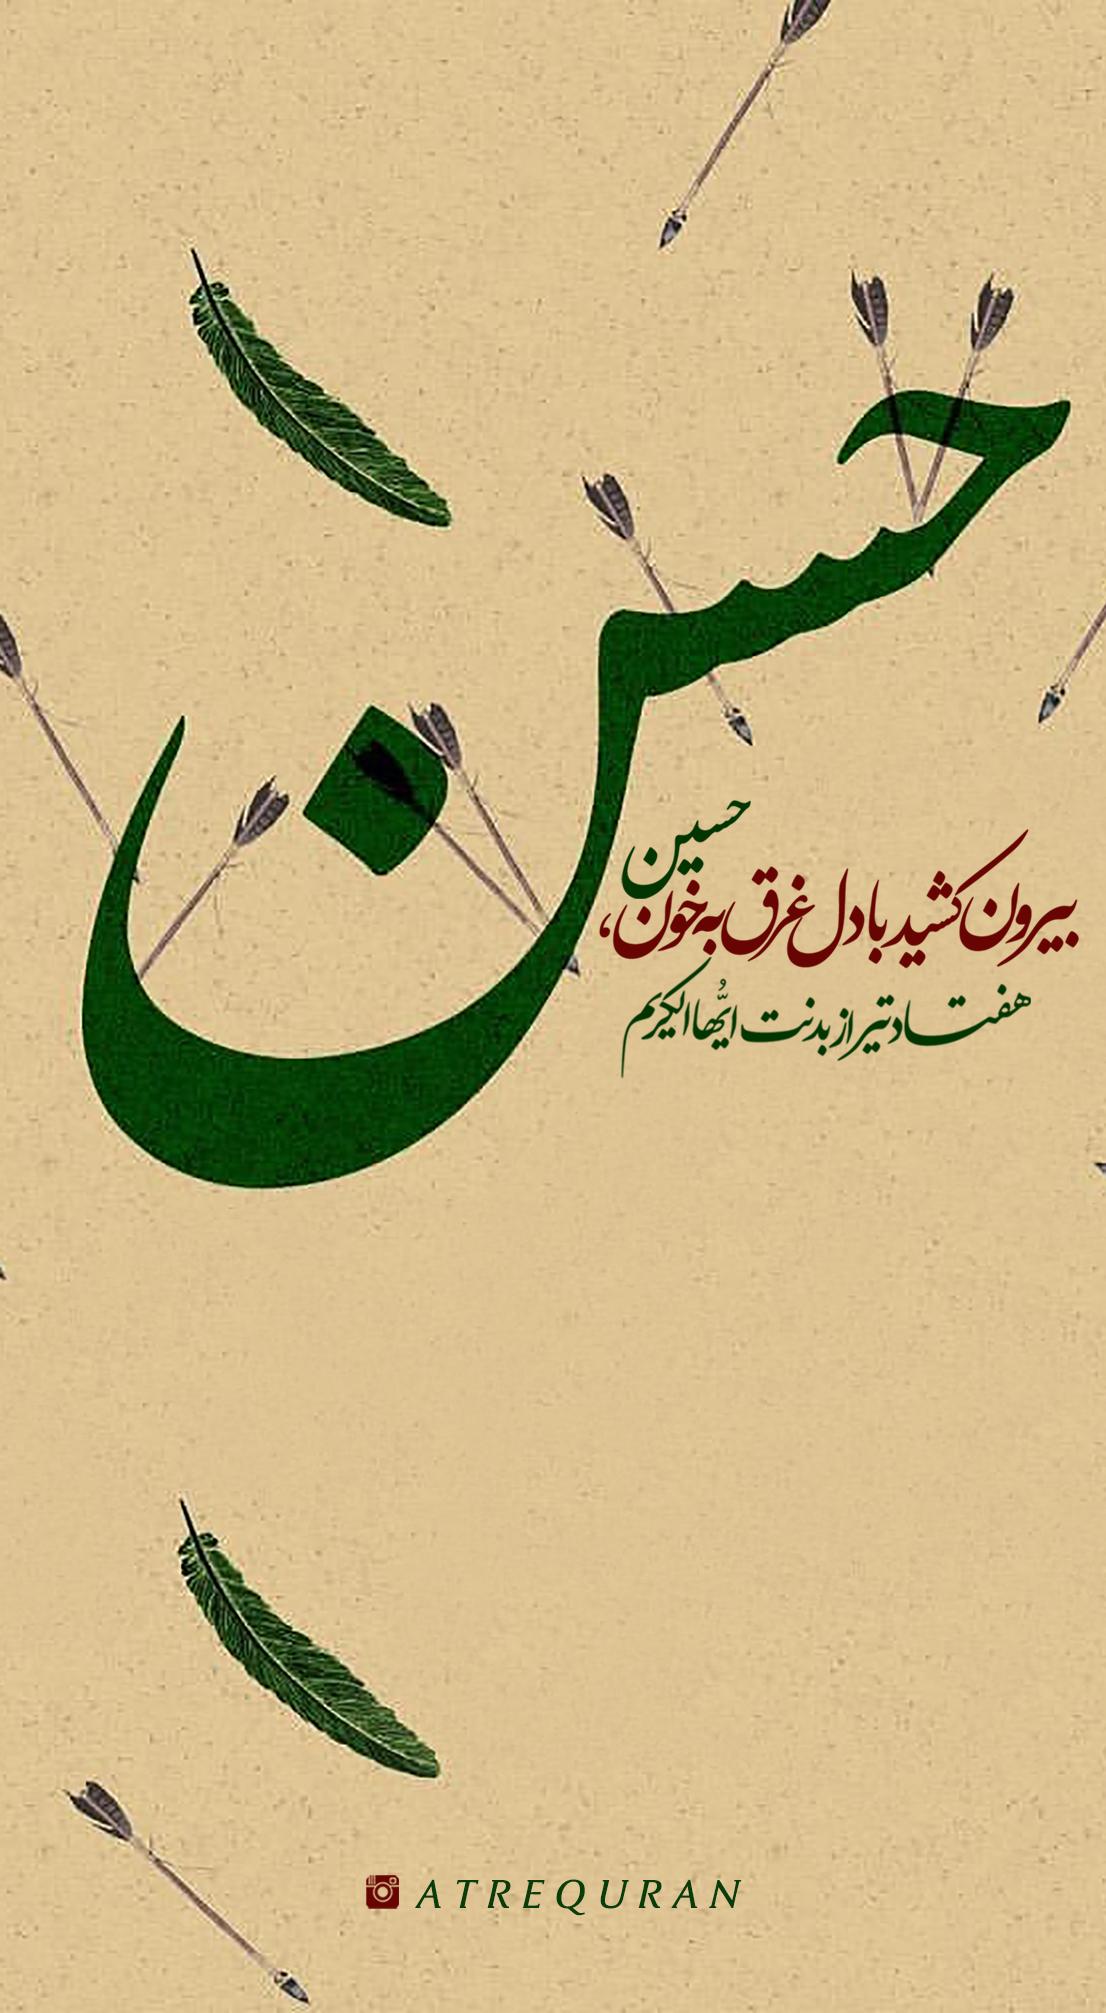 بیرون کشید با دل غرق به خون حسین هفتاد تیر از بدنت أیها الکریم